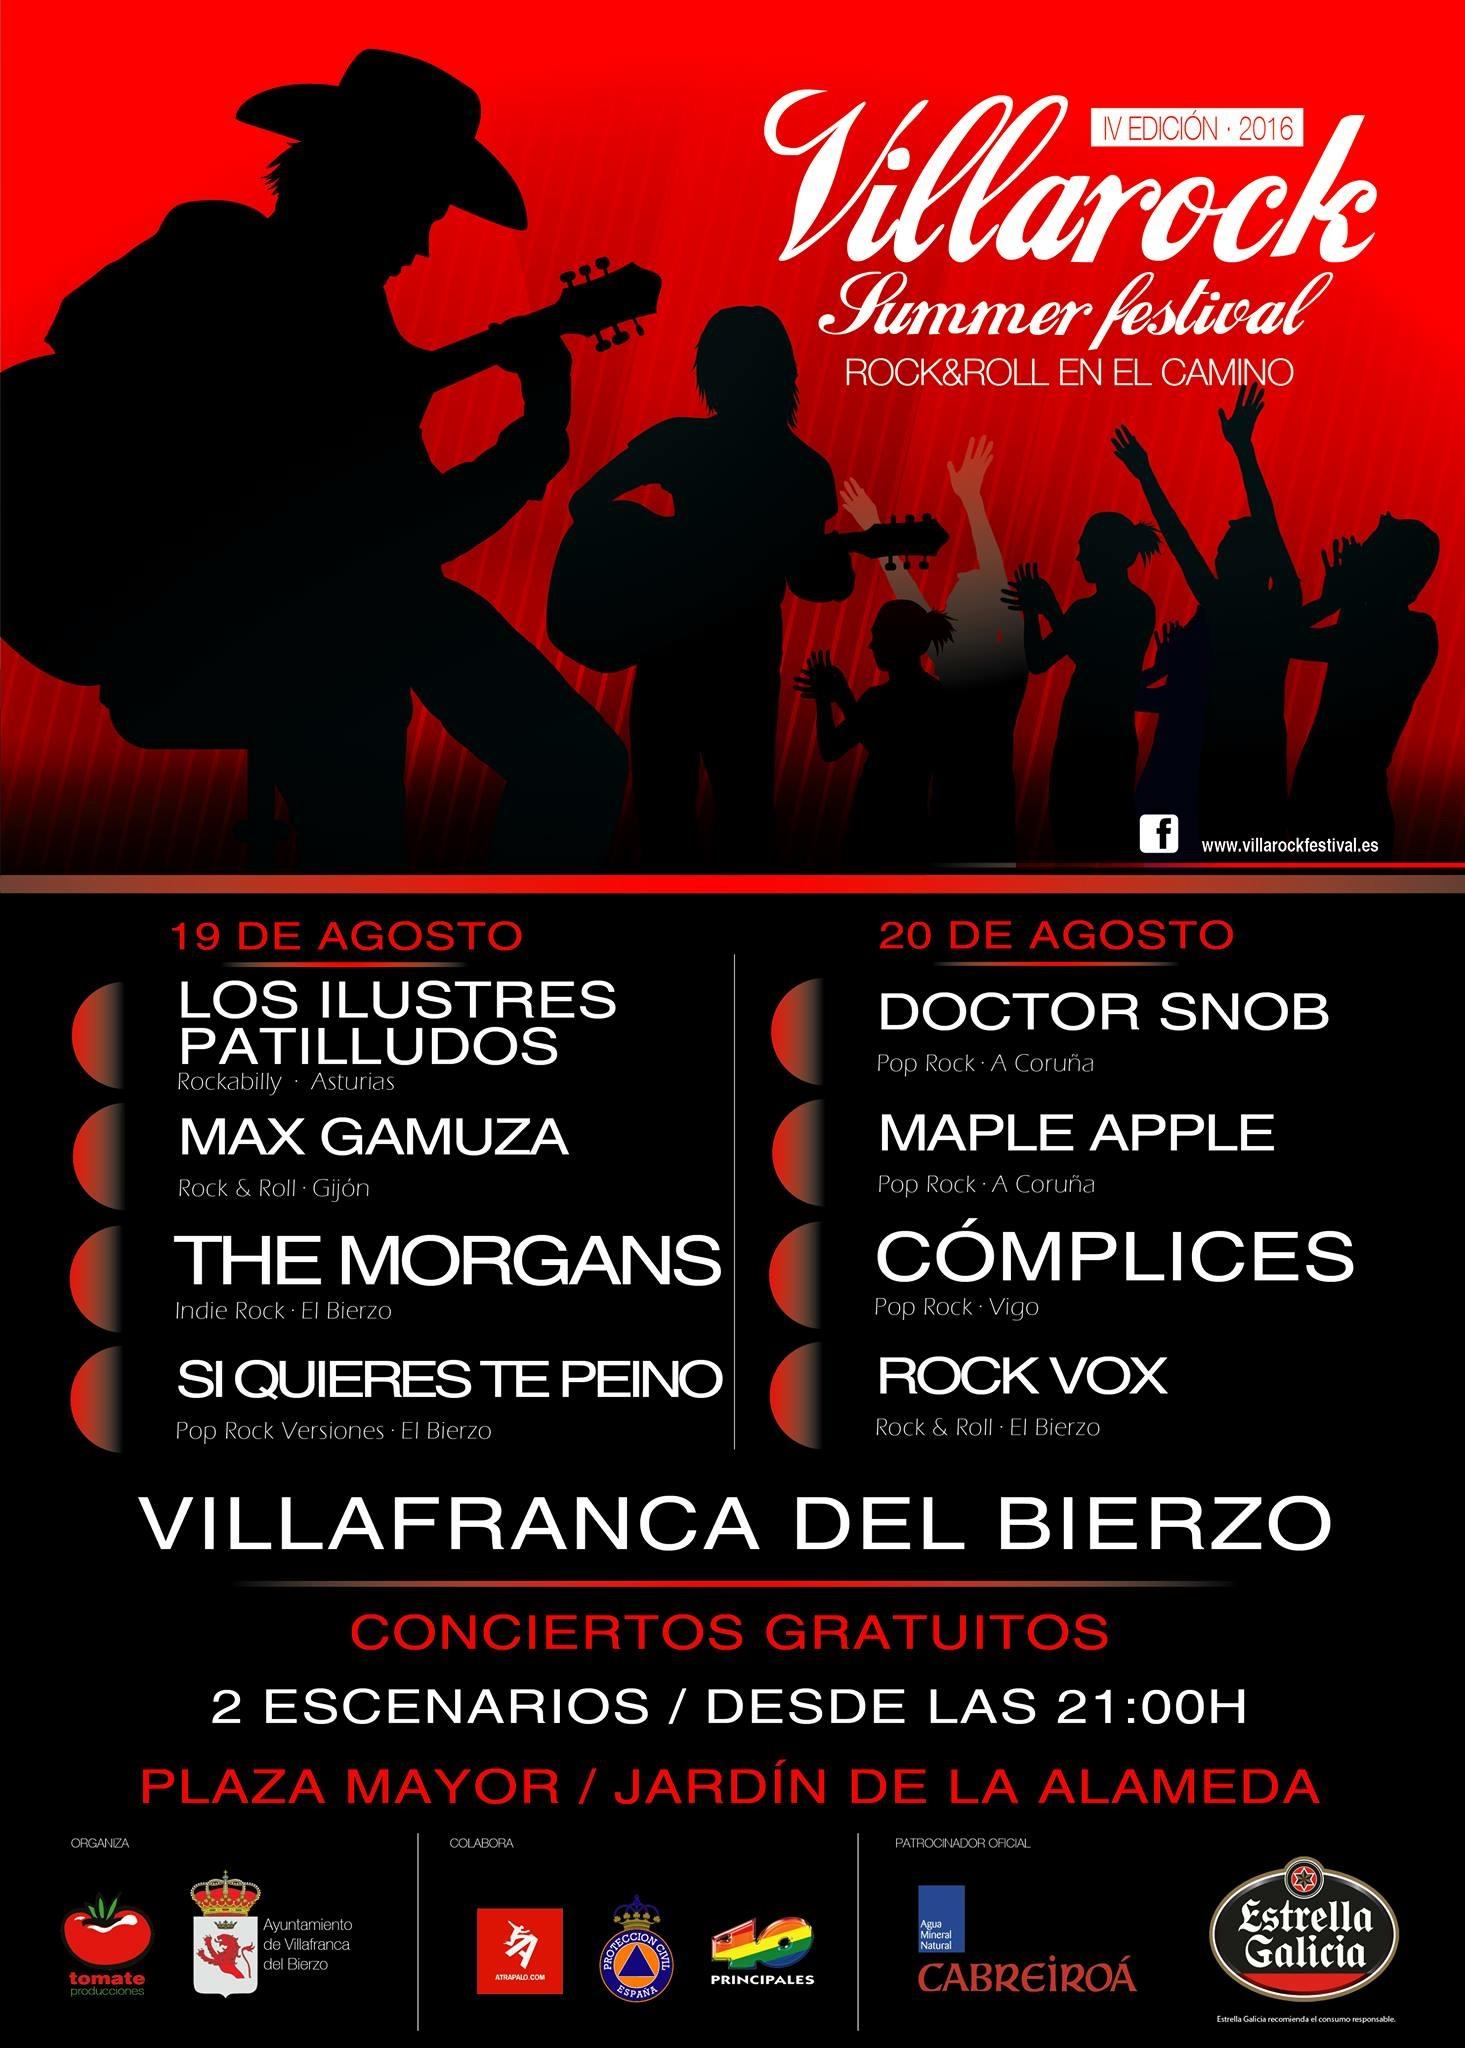 En Agosto llega el Villarock Festival a Villafranca del Bierzo 1